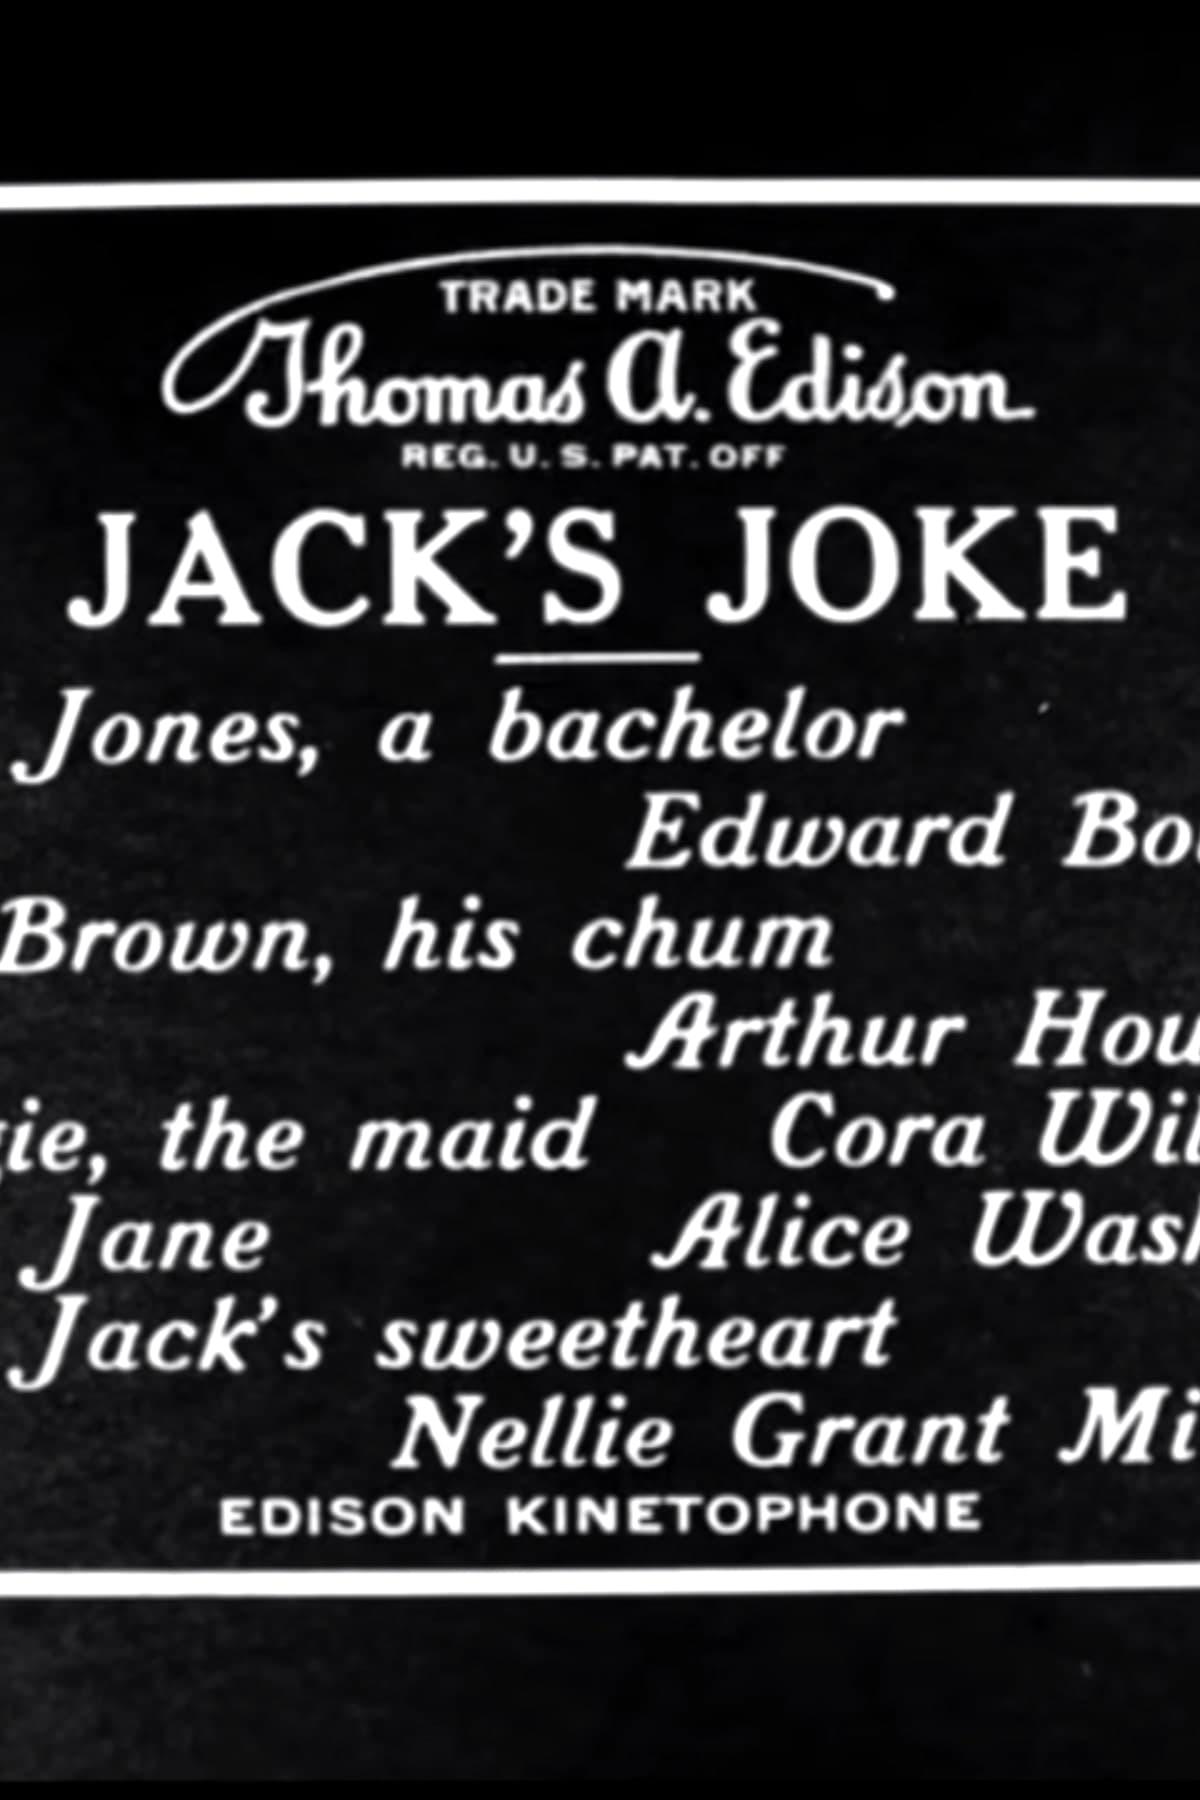 Jack's Joke (1913)